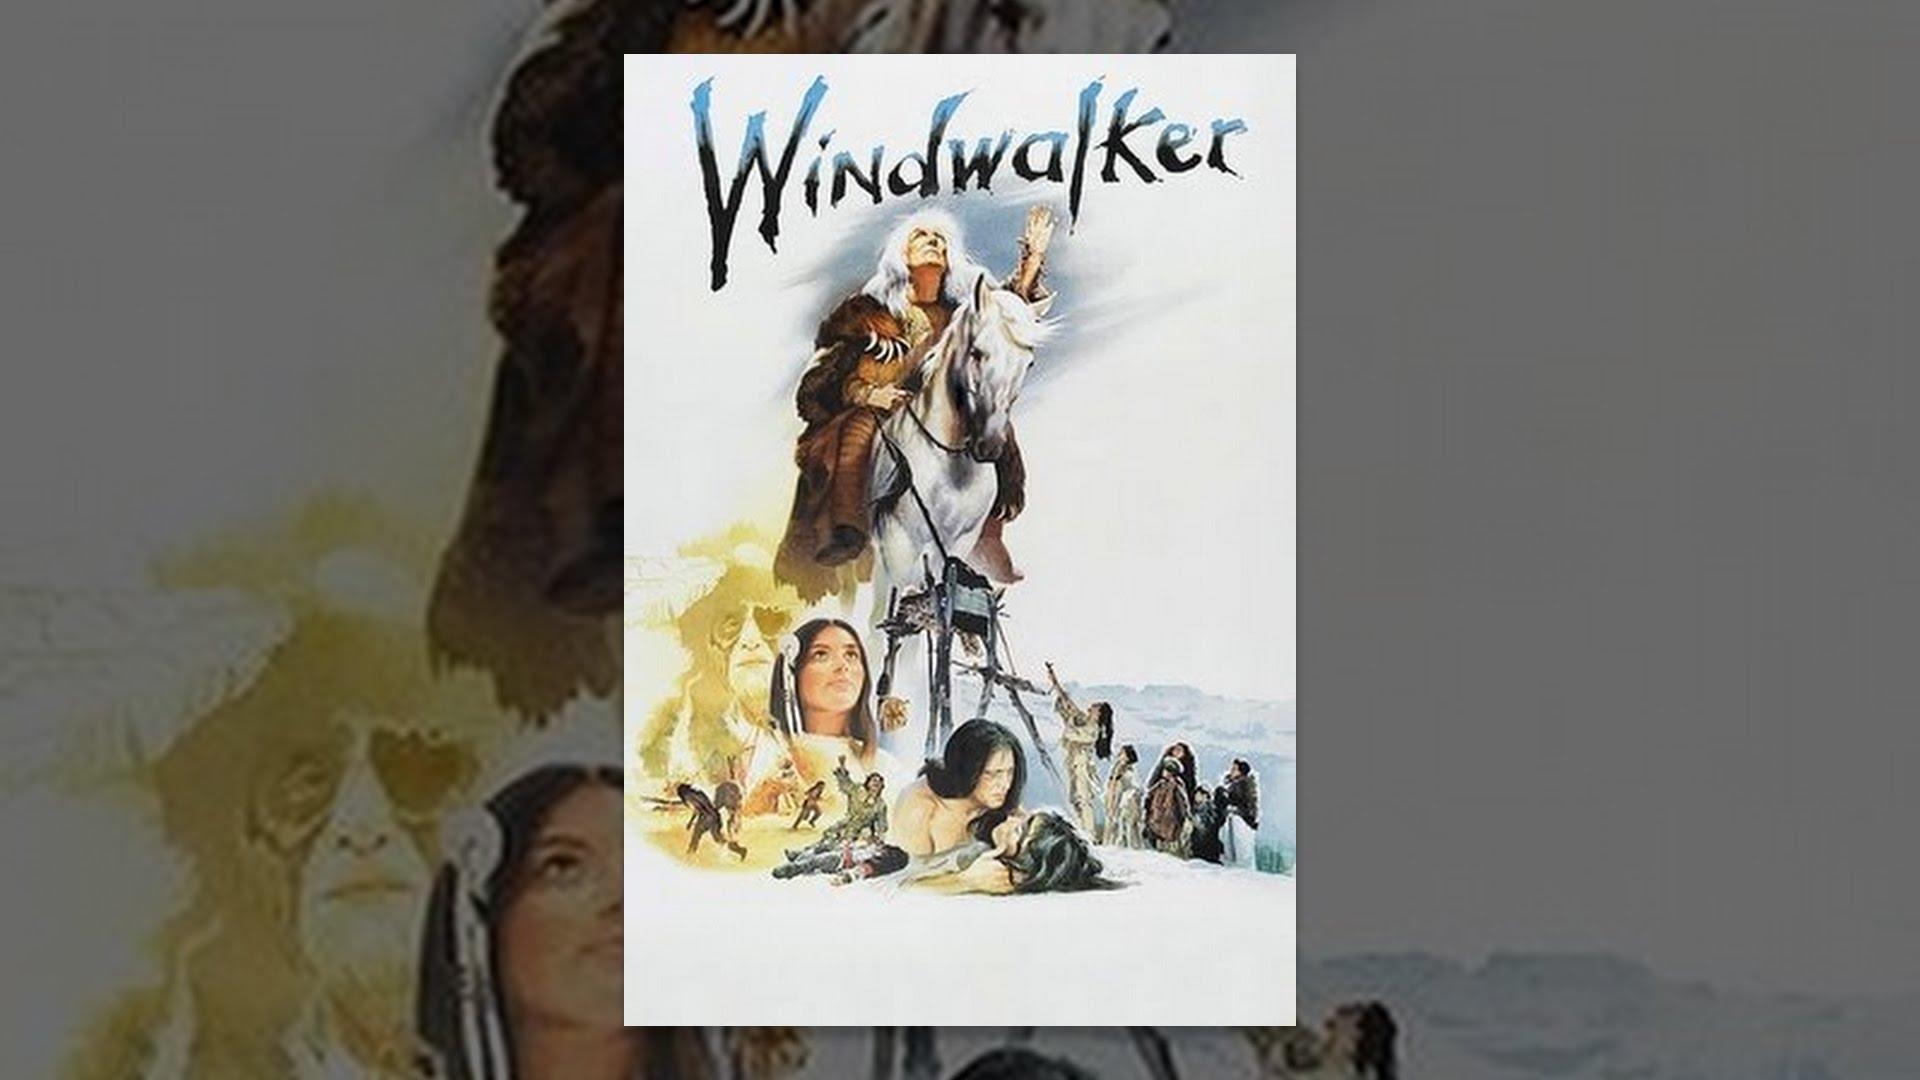 James Remar Windwalker